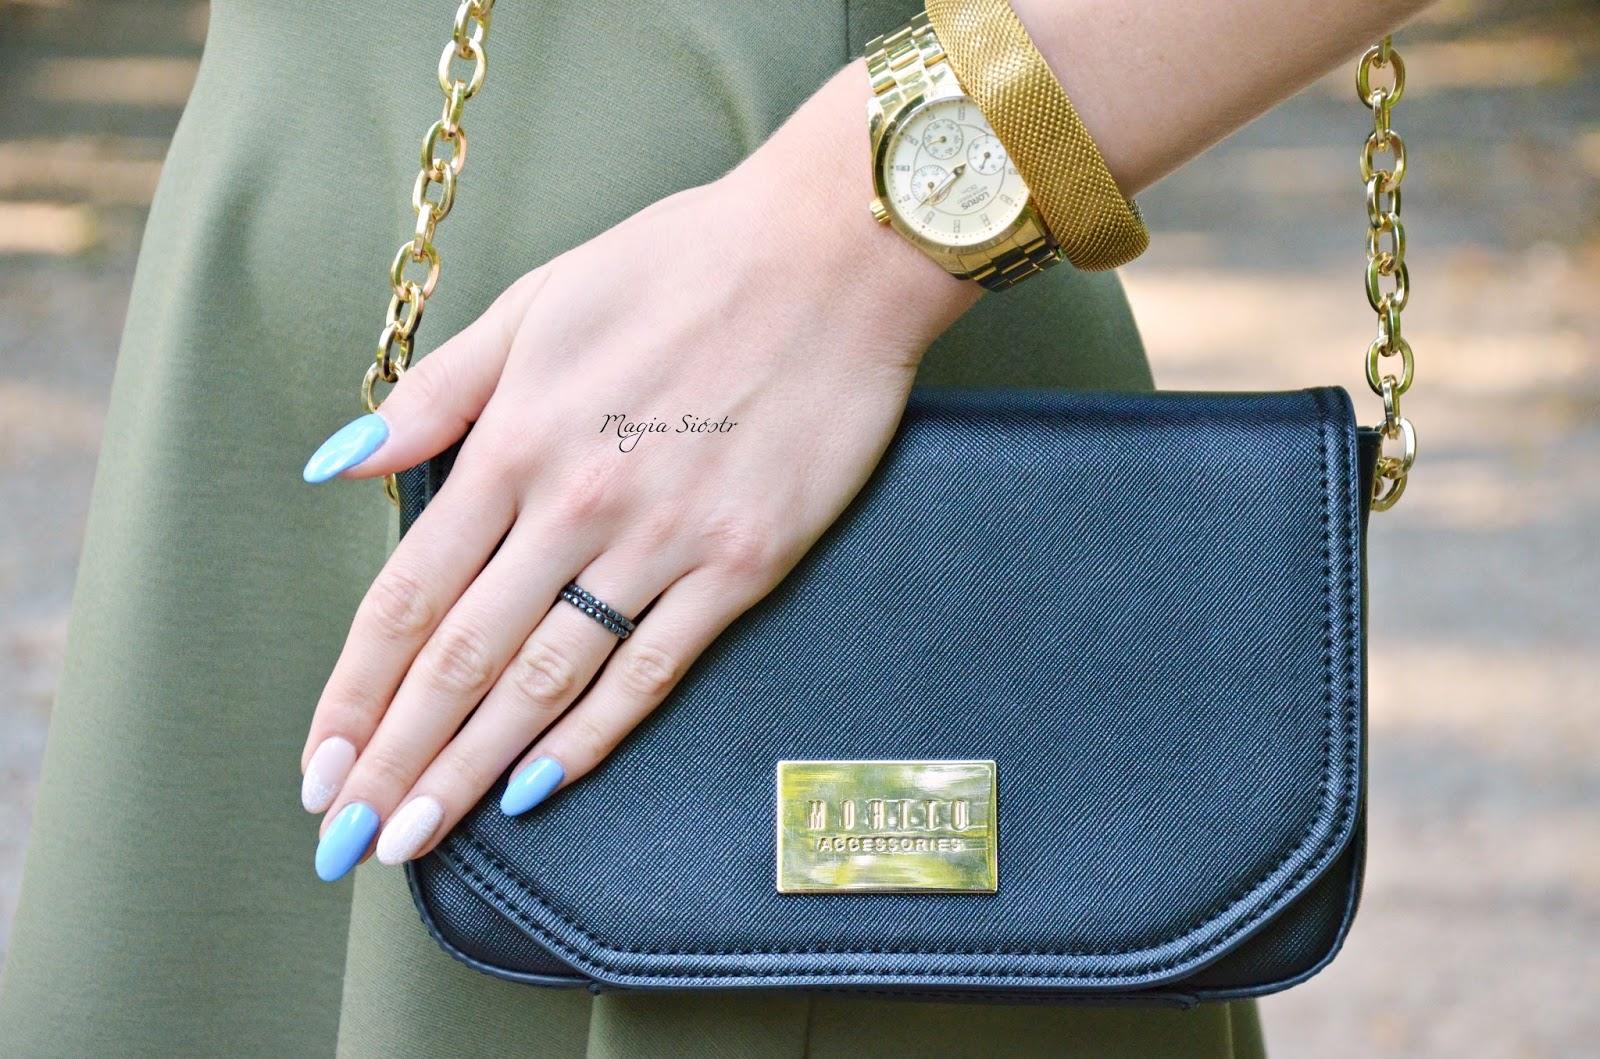 stylizacja paznokci, hybryda, modna torebka, elegancka torebka, torebka na łańcuszku, mała czarna, mohito